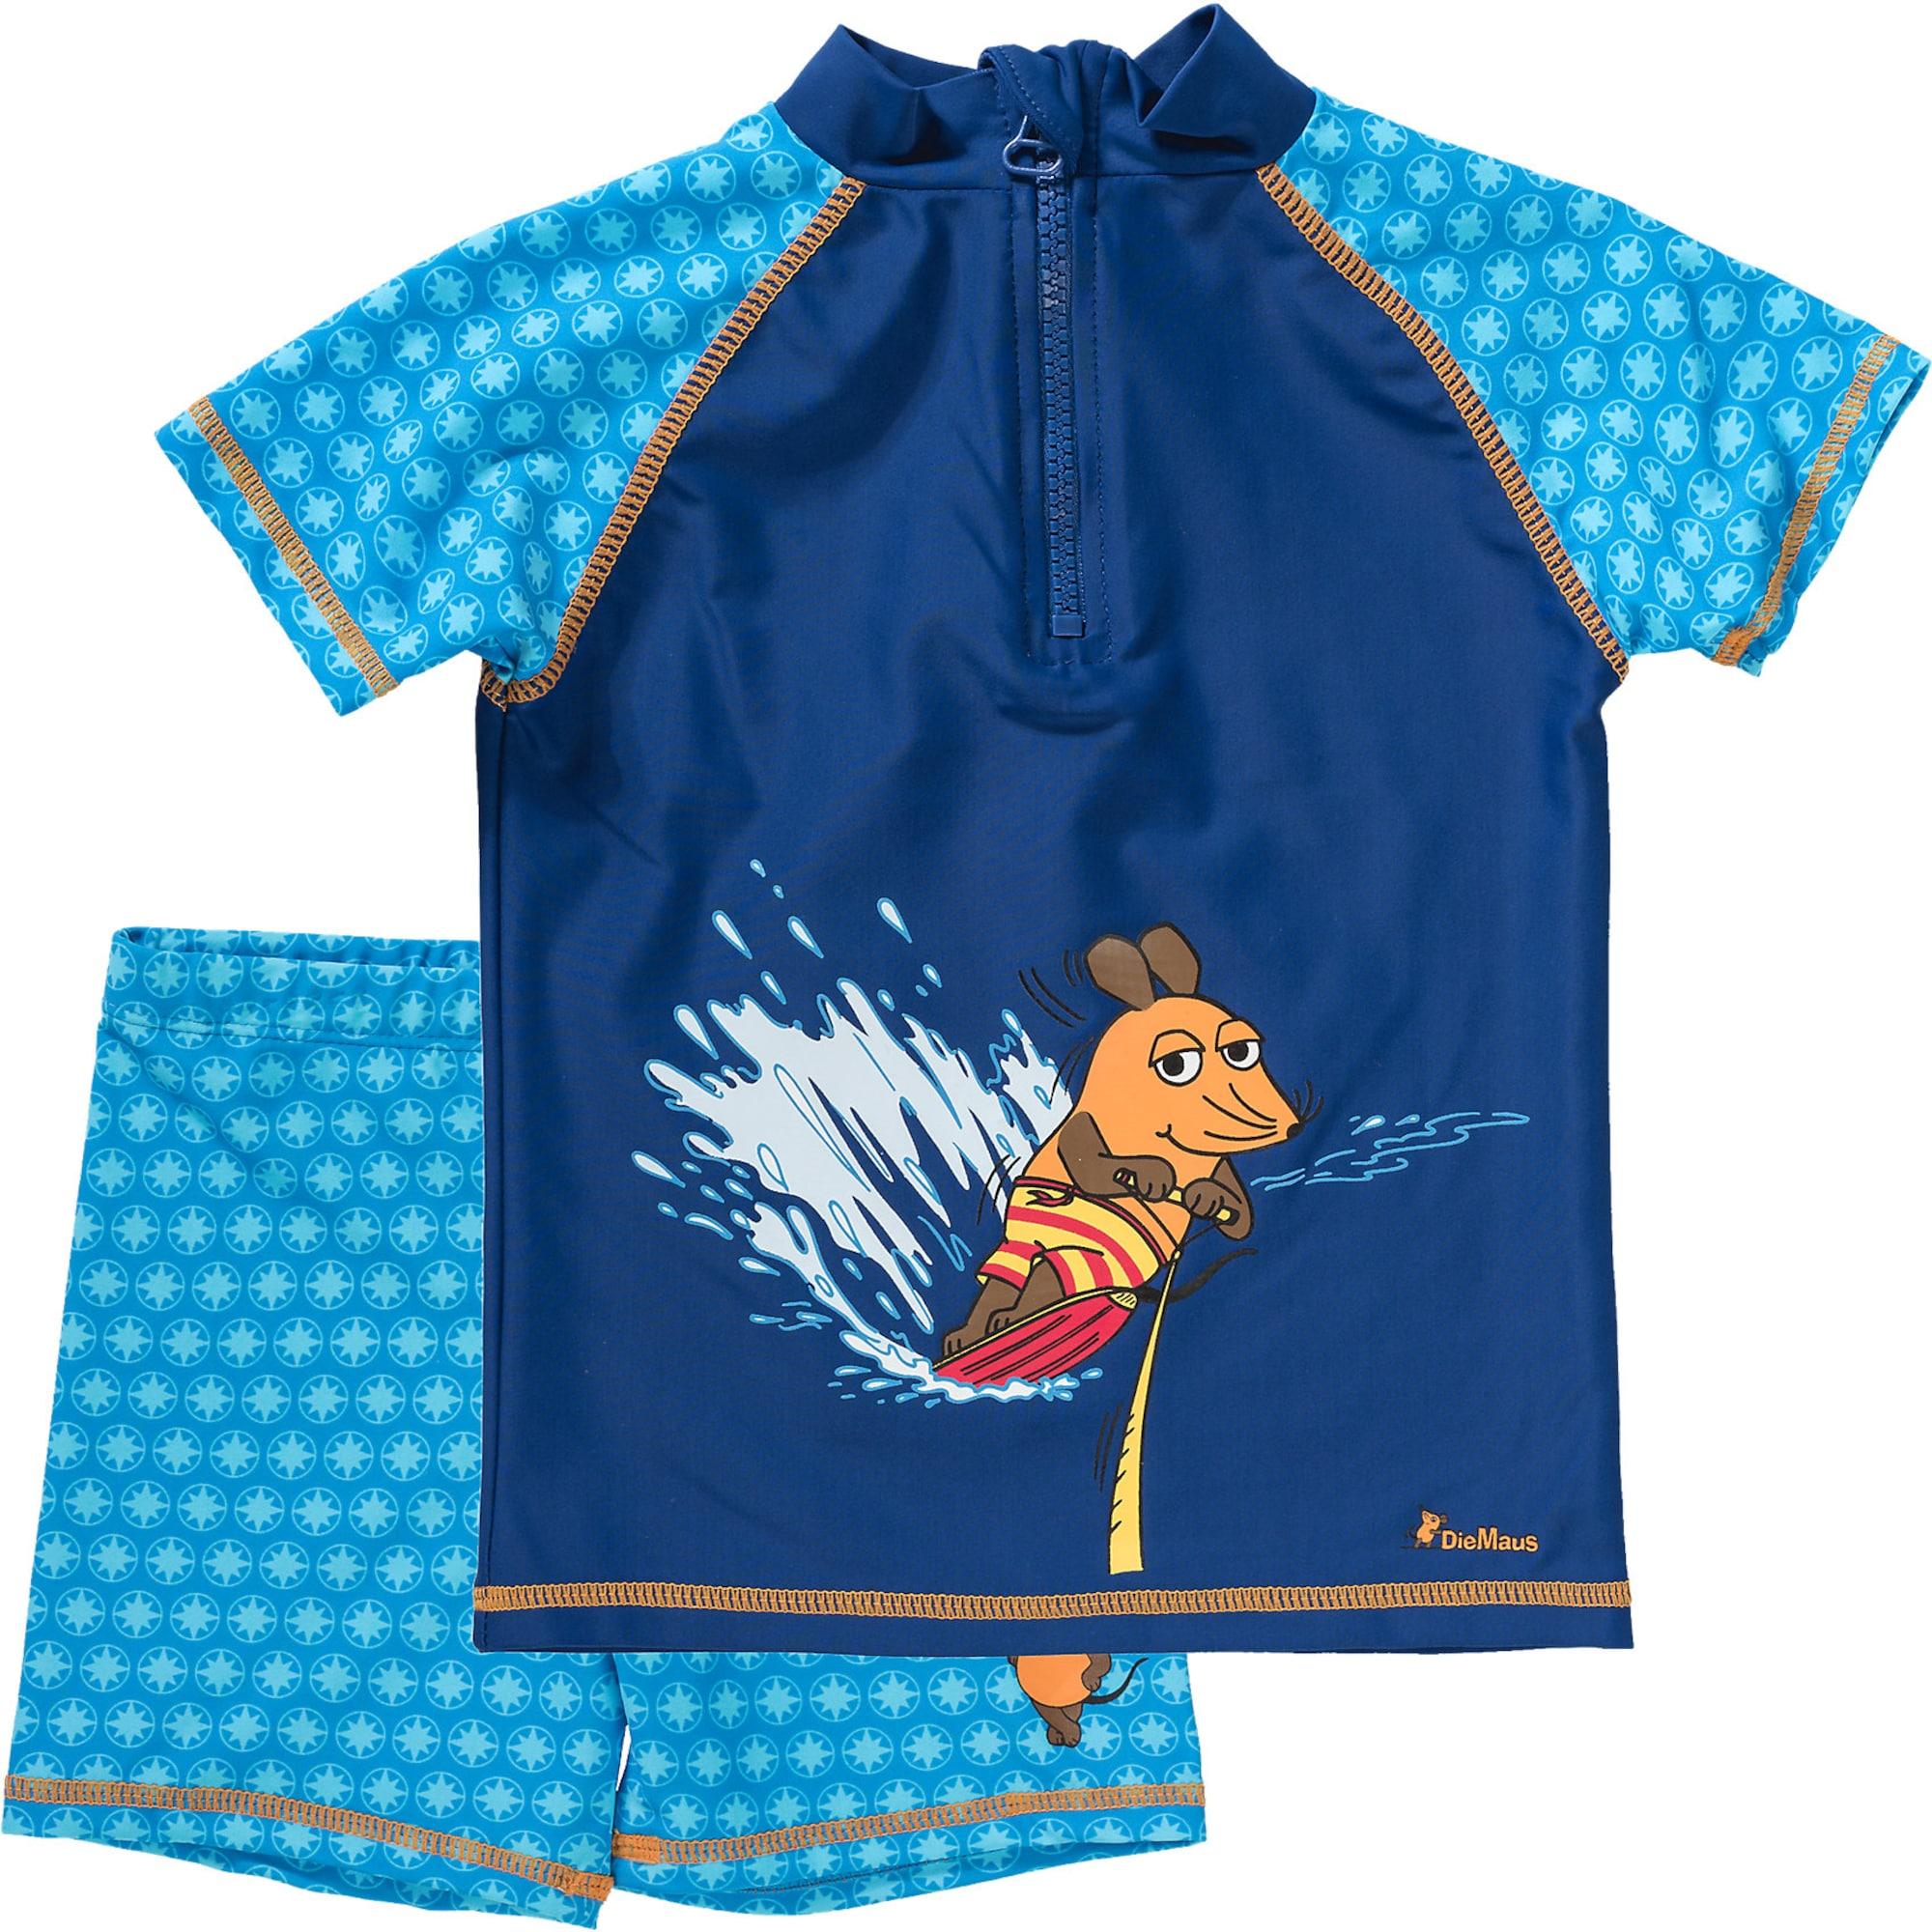 2 teiliger Schwimmanzug mit UV Schutz 'MAUS'